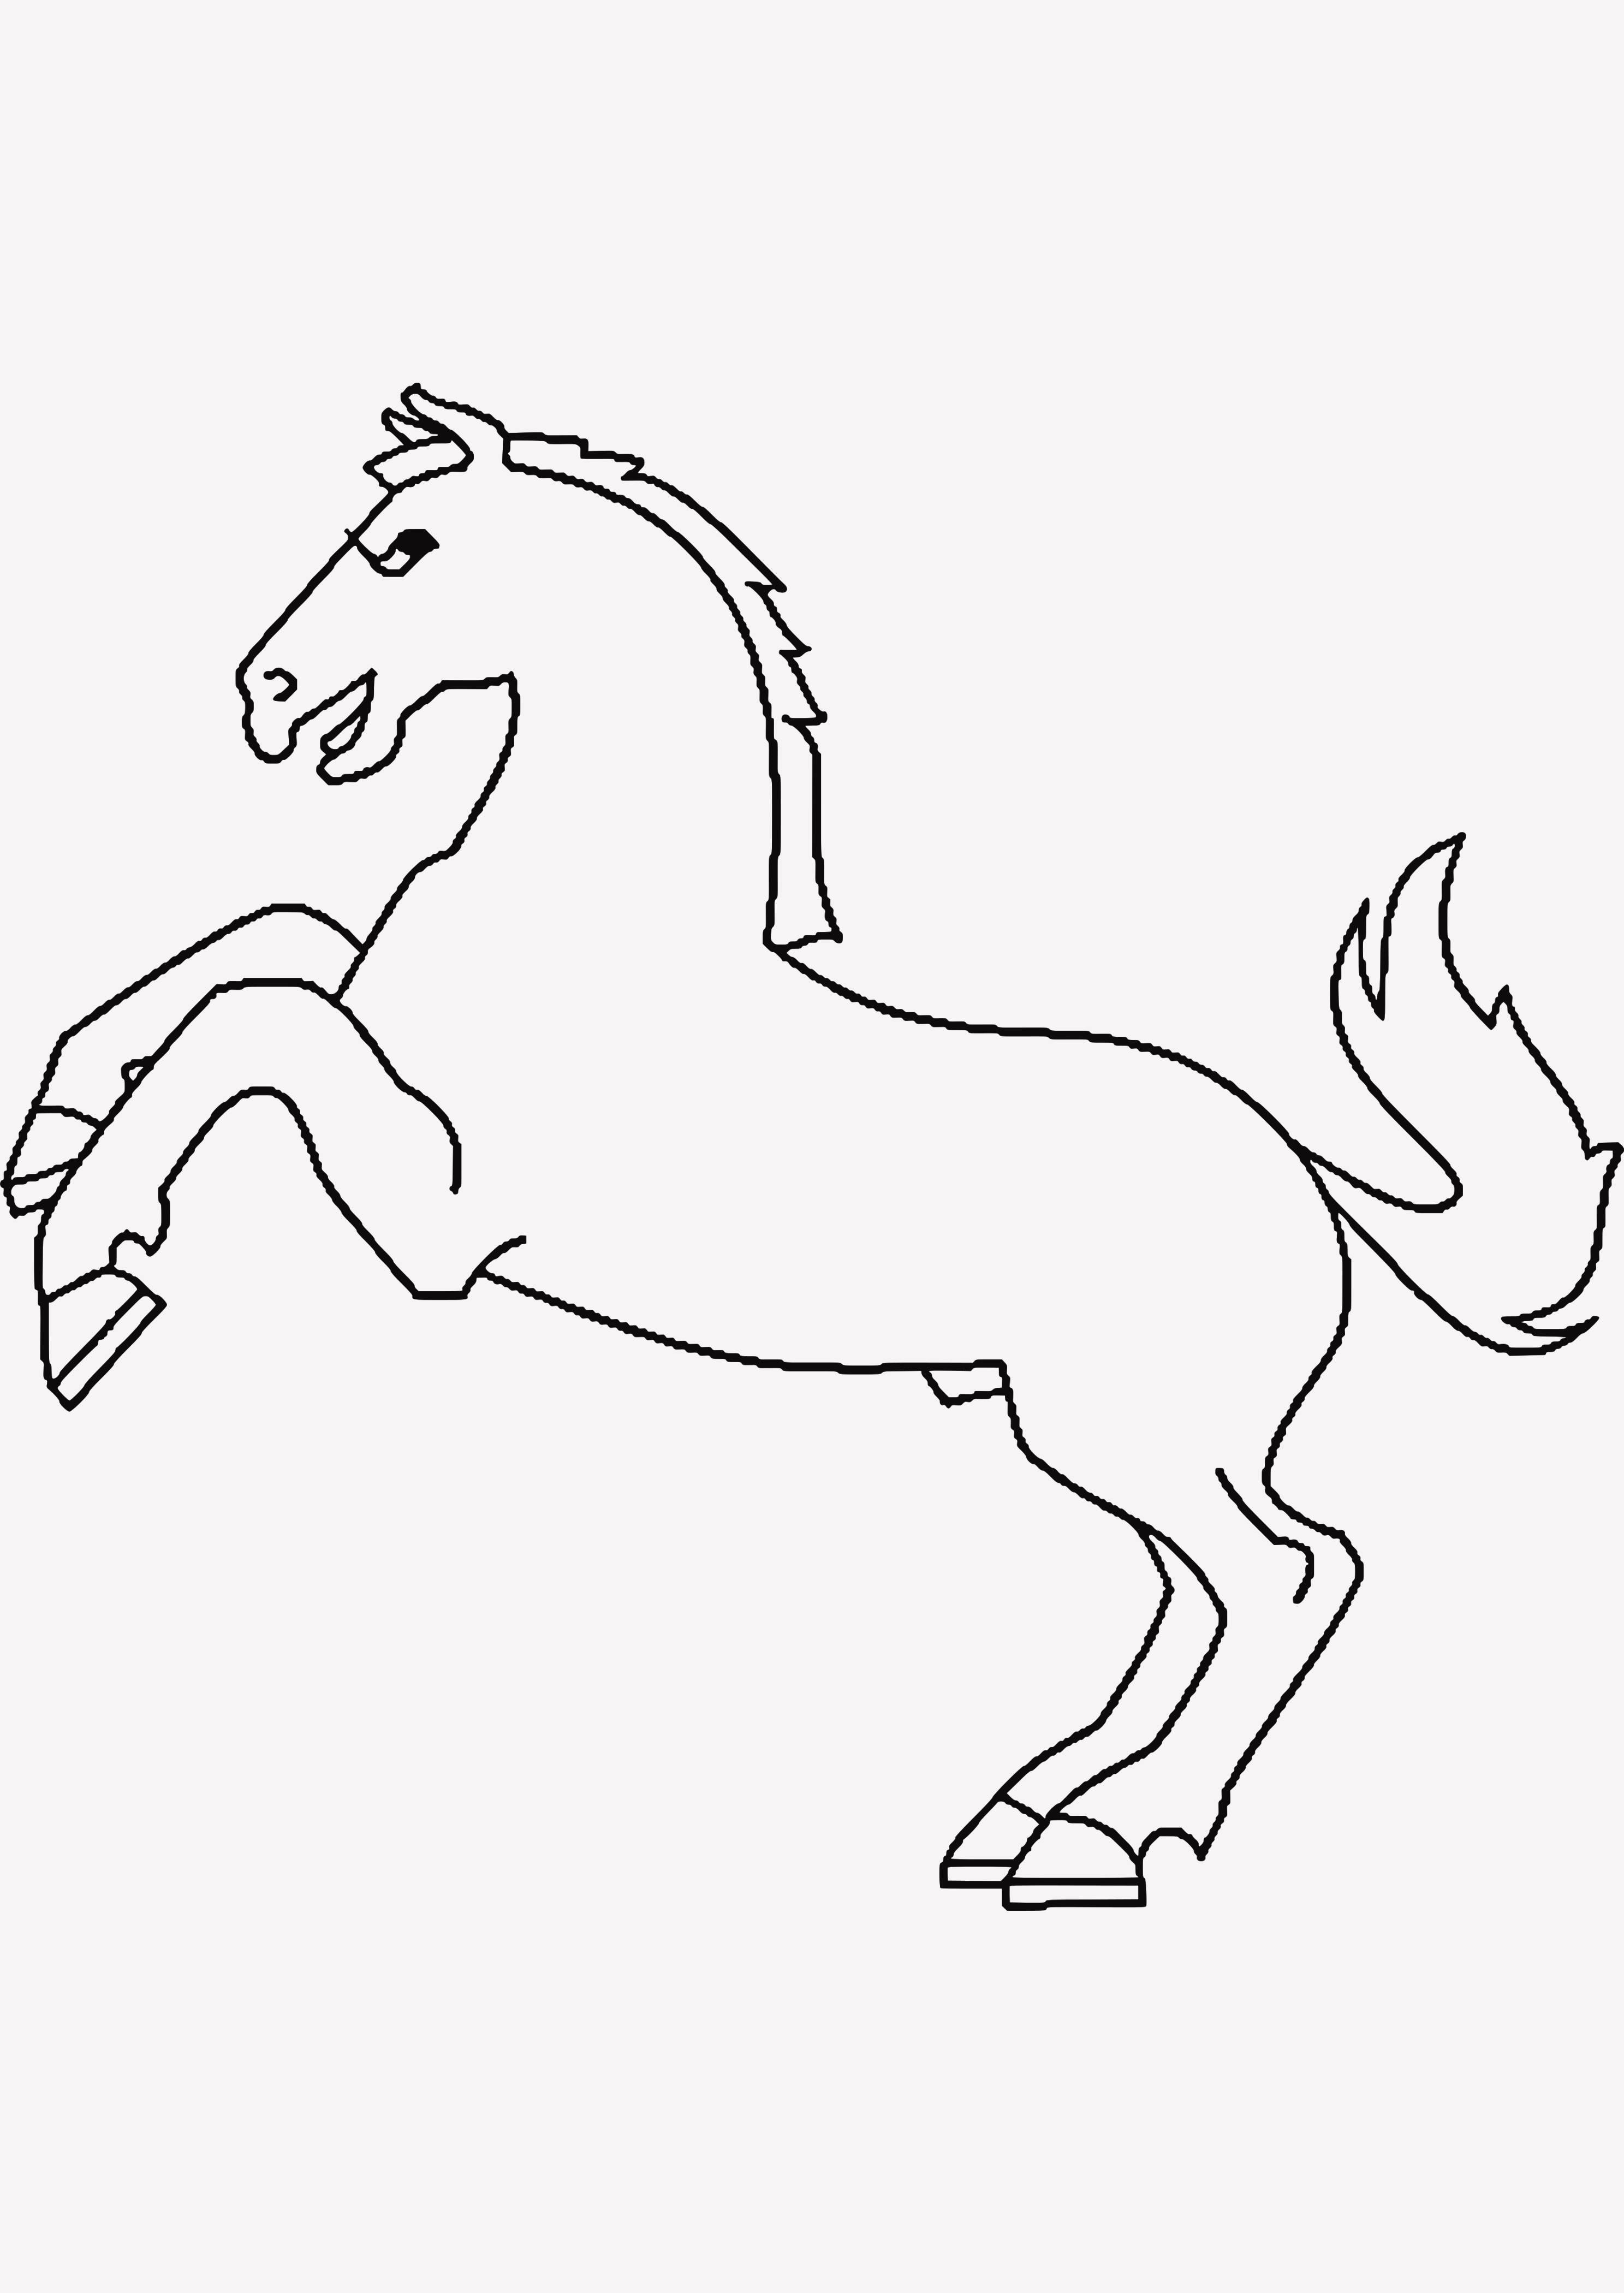 Ausmalbilder Pferde Zum Ausdrucken Kostenlos Neu 25 Genial Pferde Ausmalbild Zum Ausdrucken Elegant Ausmalbilder Sammlung